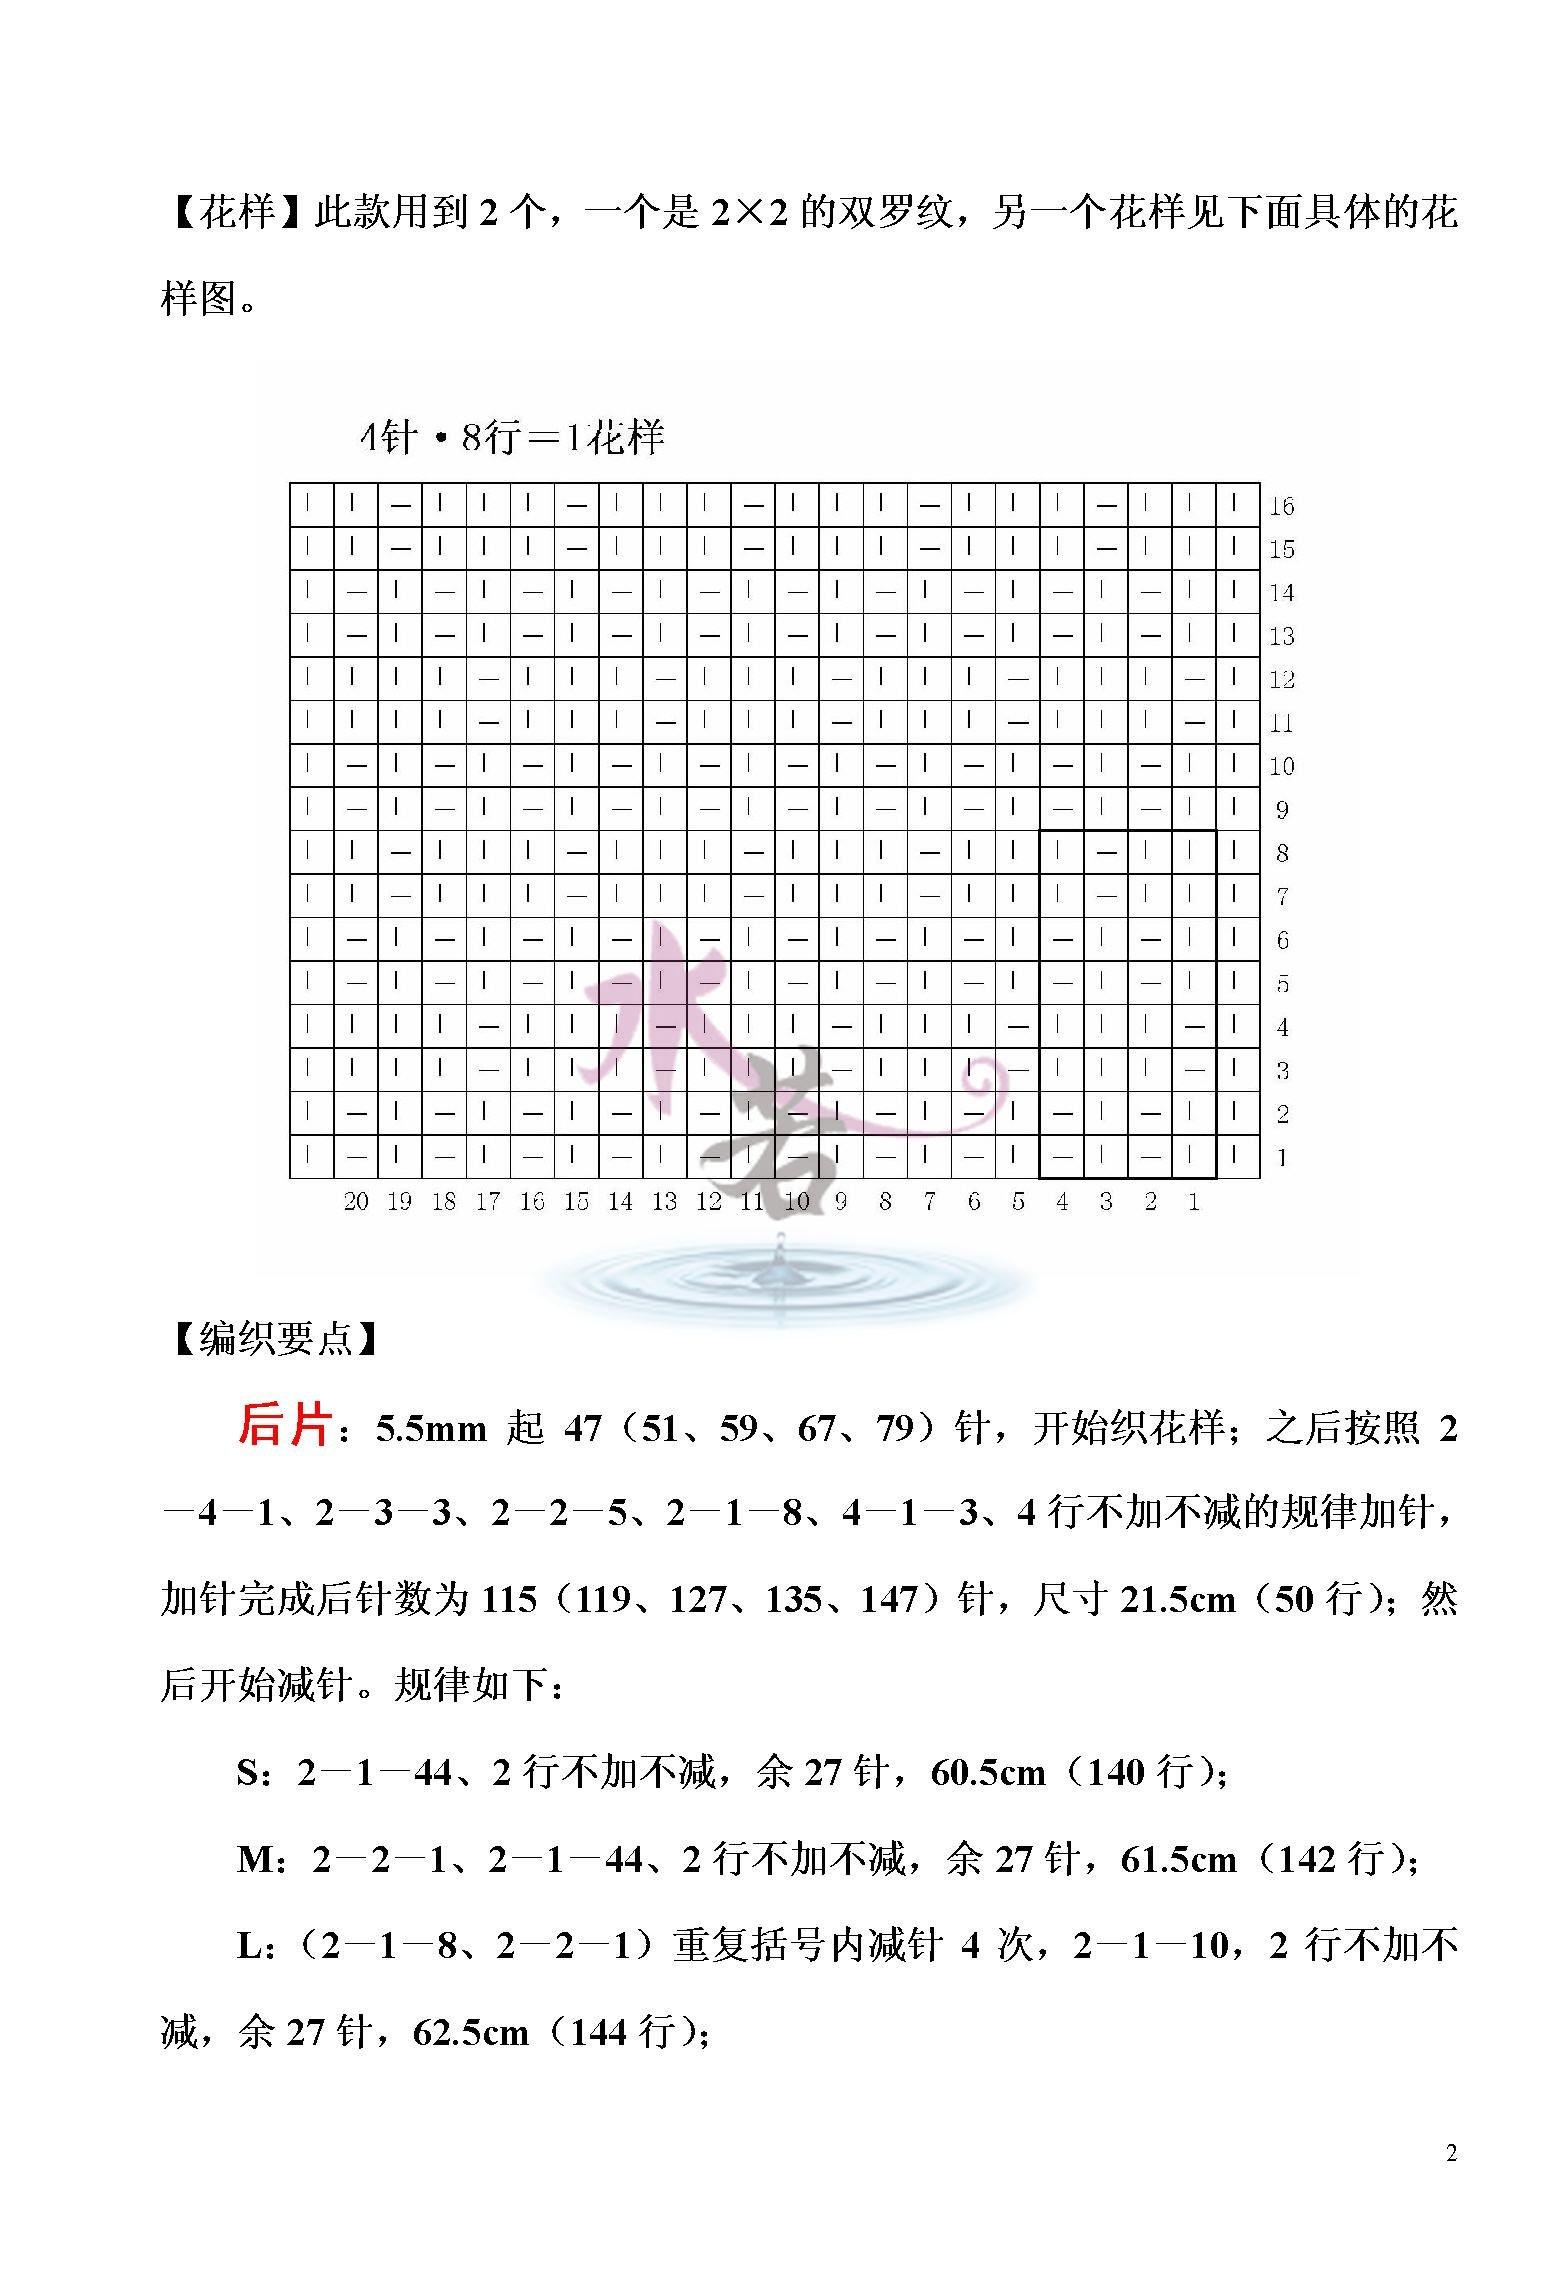 新装图解02.jpg